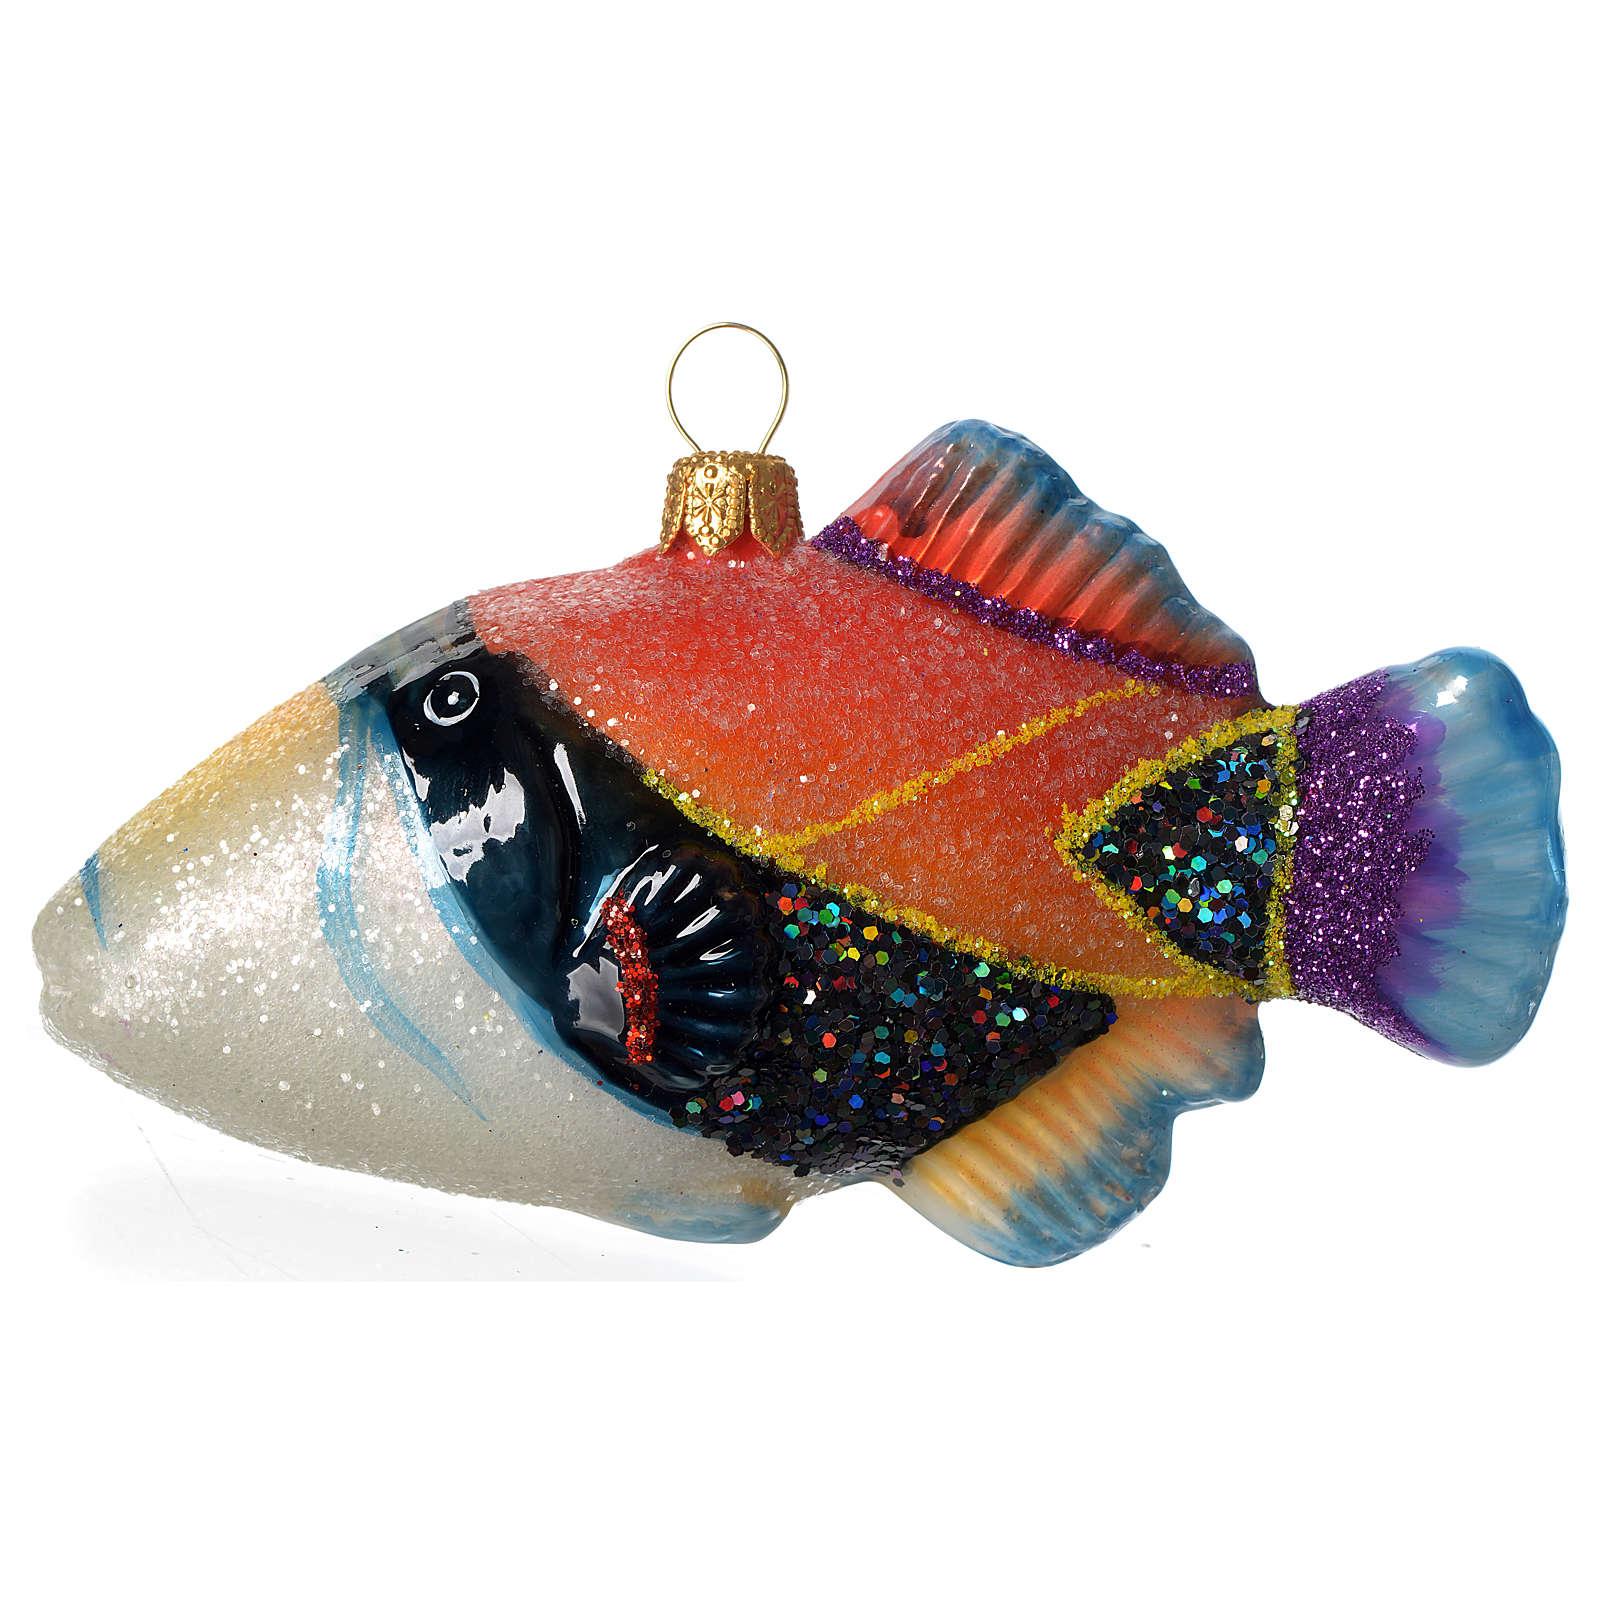 Poisson-baliste décoration verre soufflé Sapin Noël 4